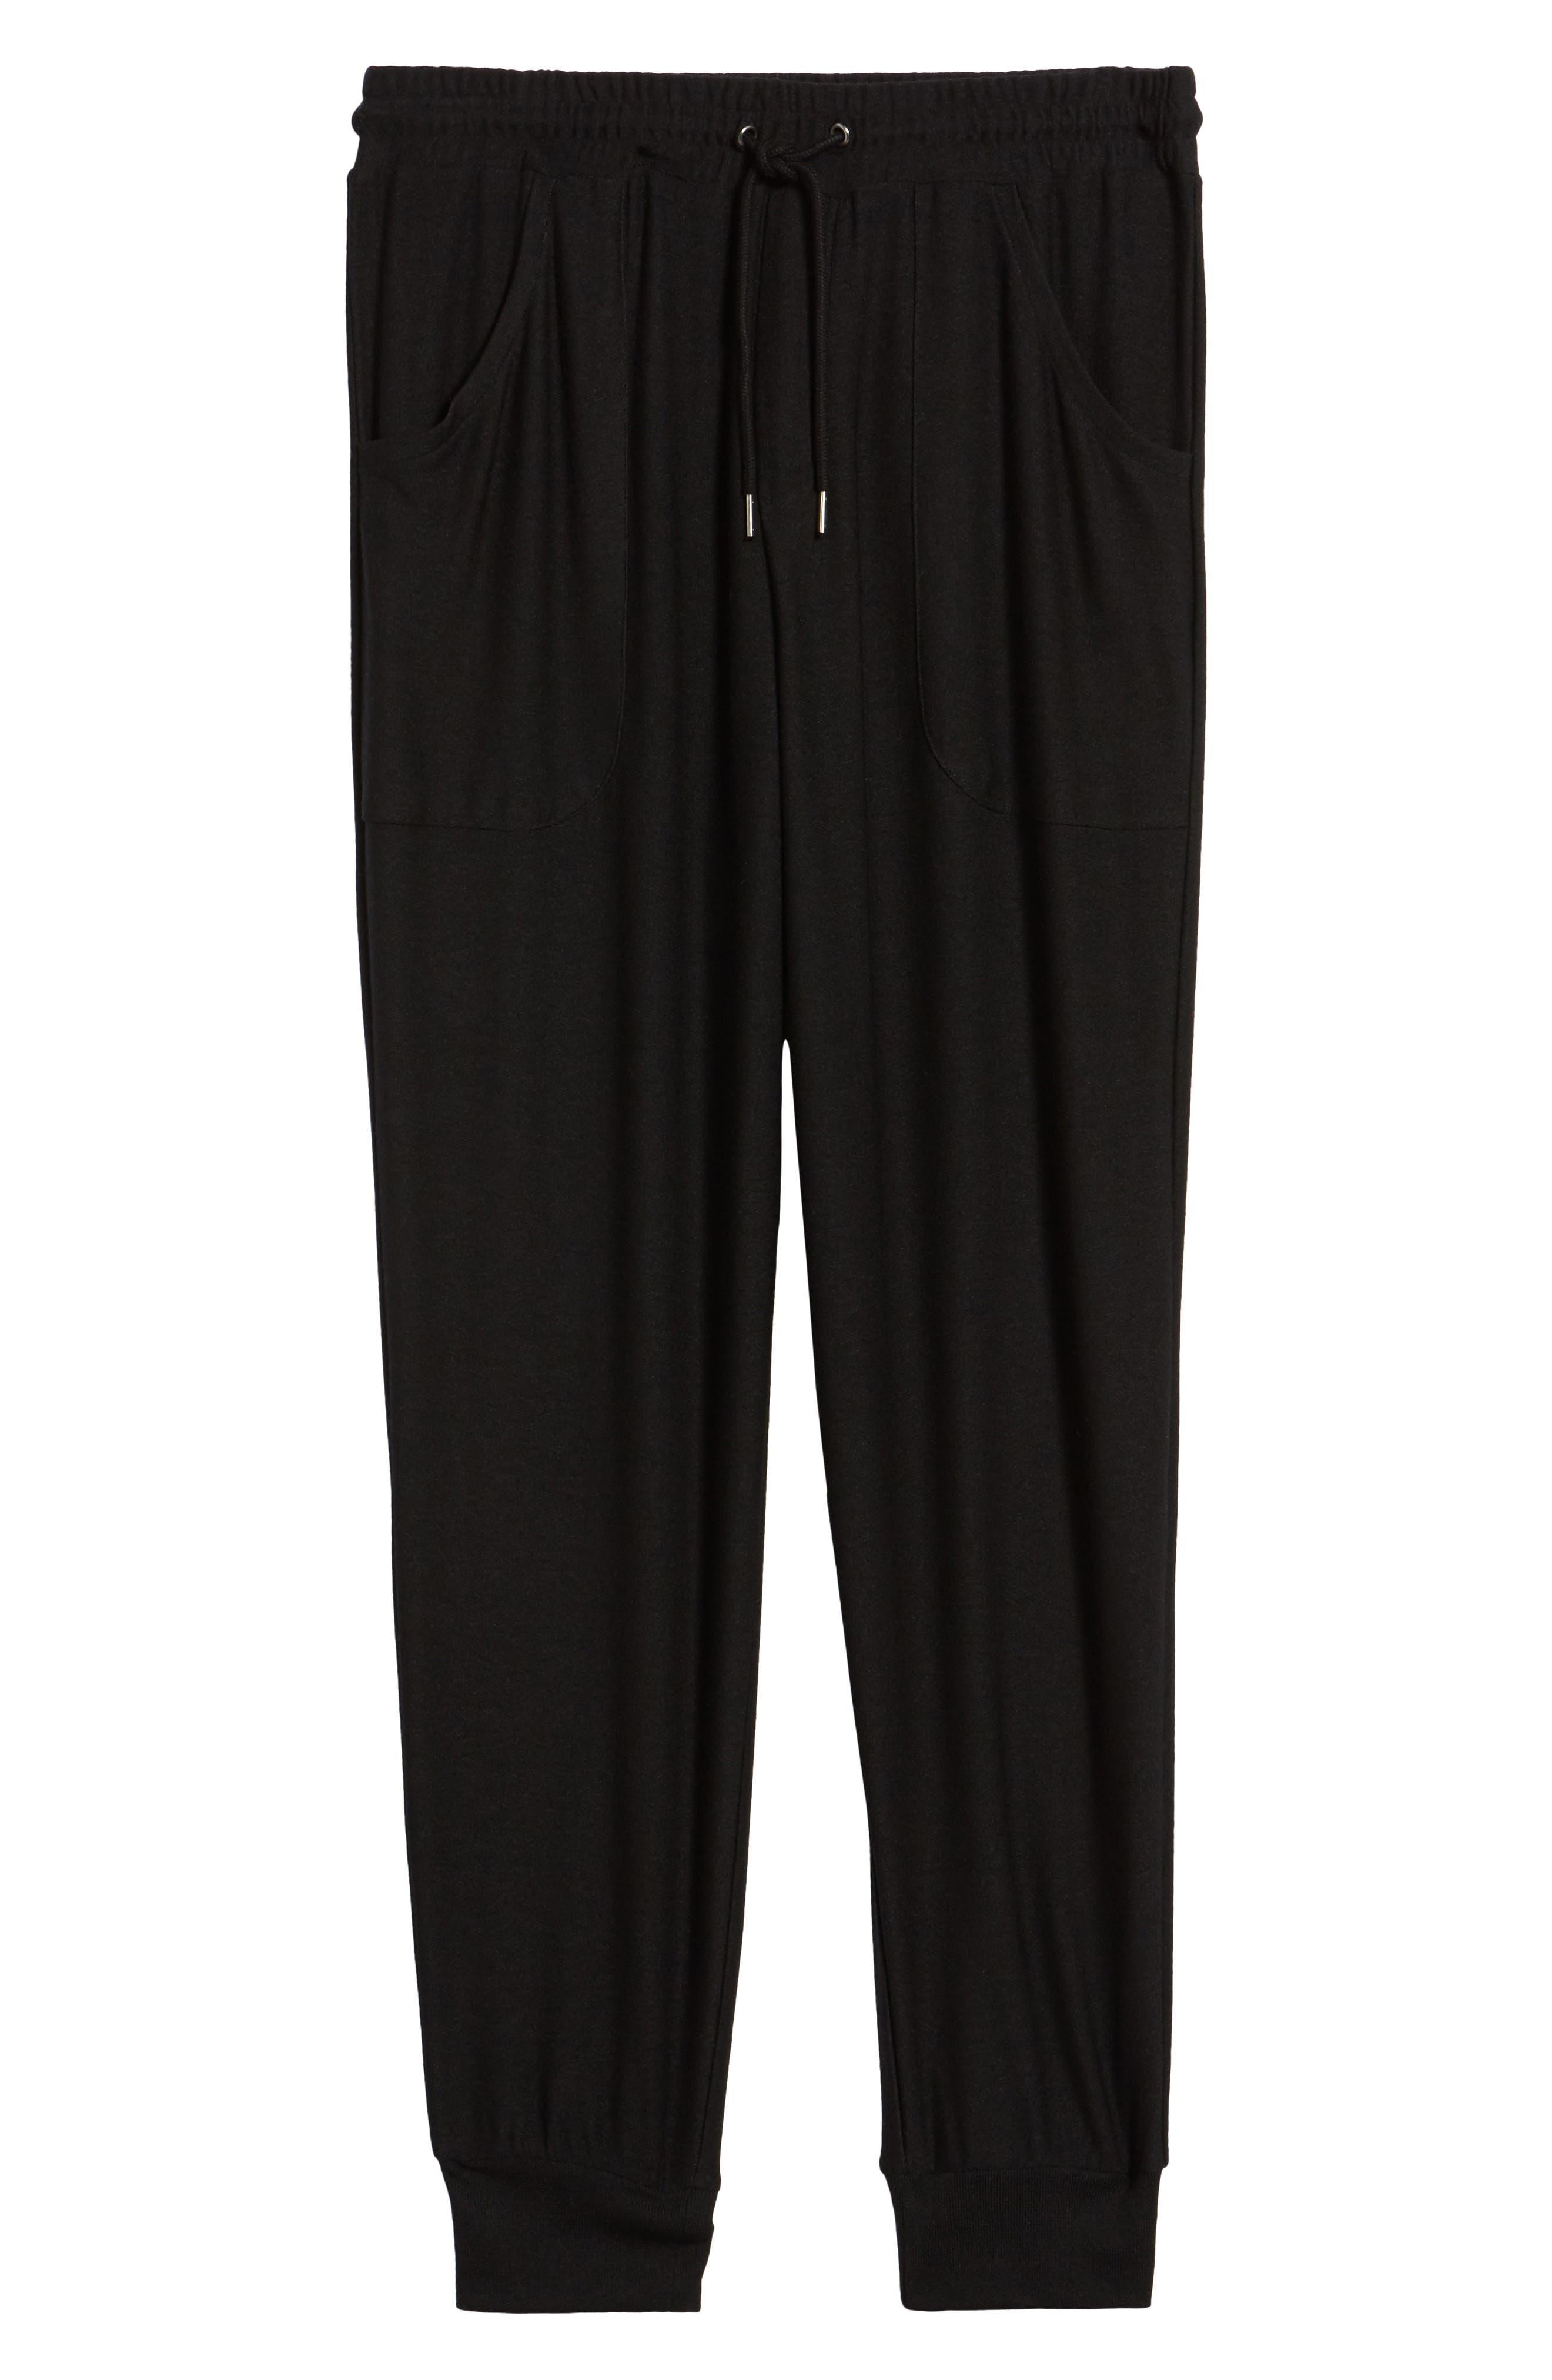 Ultra Soft Jogger Pants,                             Alternate thumbnail 6, color,                             BLACK